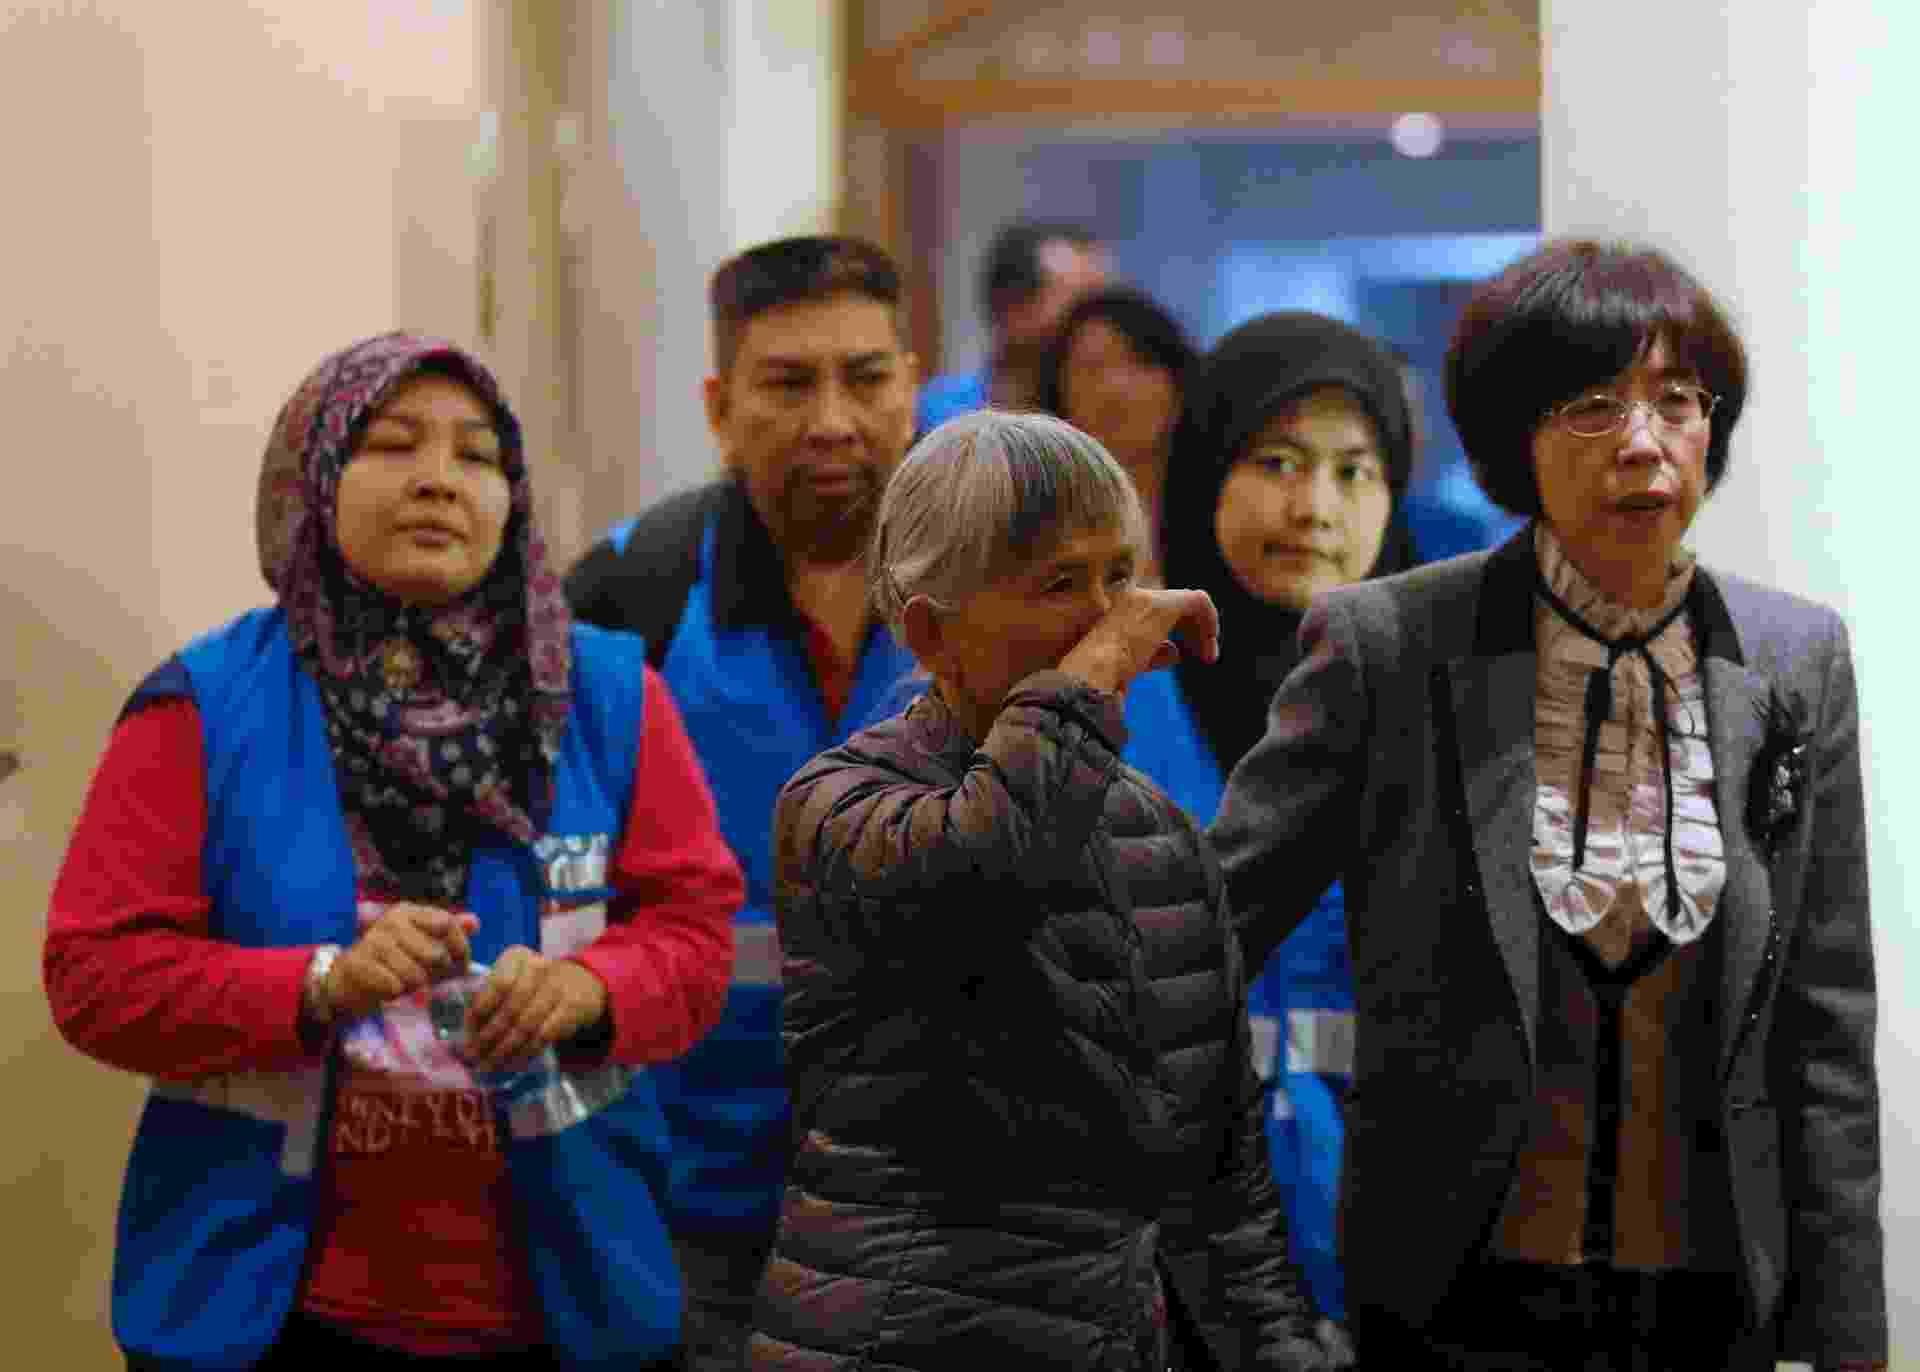 27.mar.2014 - Uma parente de um passageiro do voo MH370 da Malaysia Airlines (ao centro) se dirige a sala de reuniões acompanhada de voluntários da Malásia no Hotel Lido, em Pequim, na China - Kim Kyung-Hoon/Reuters